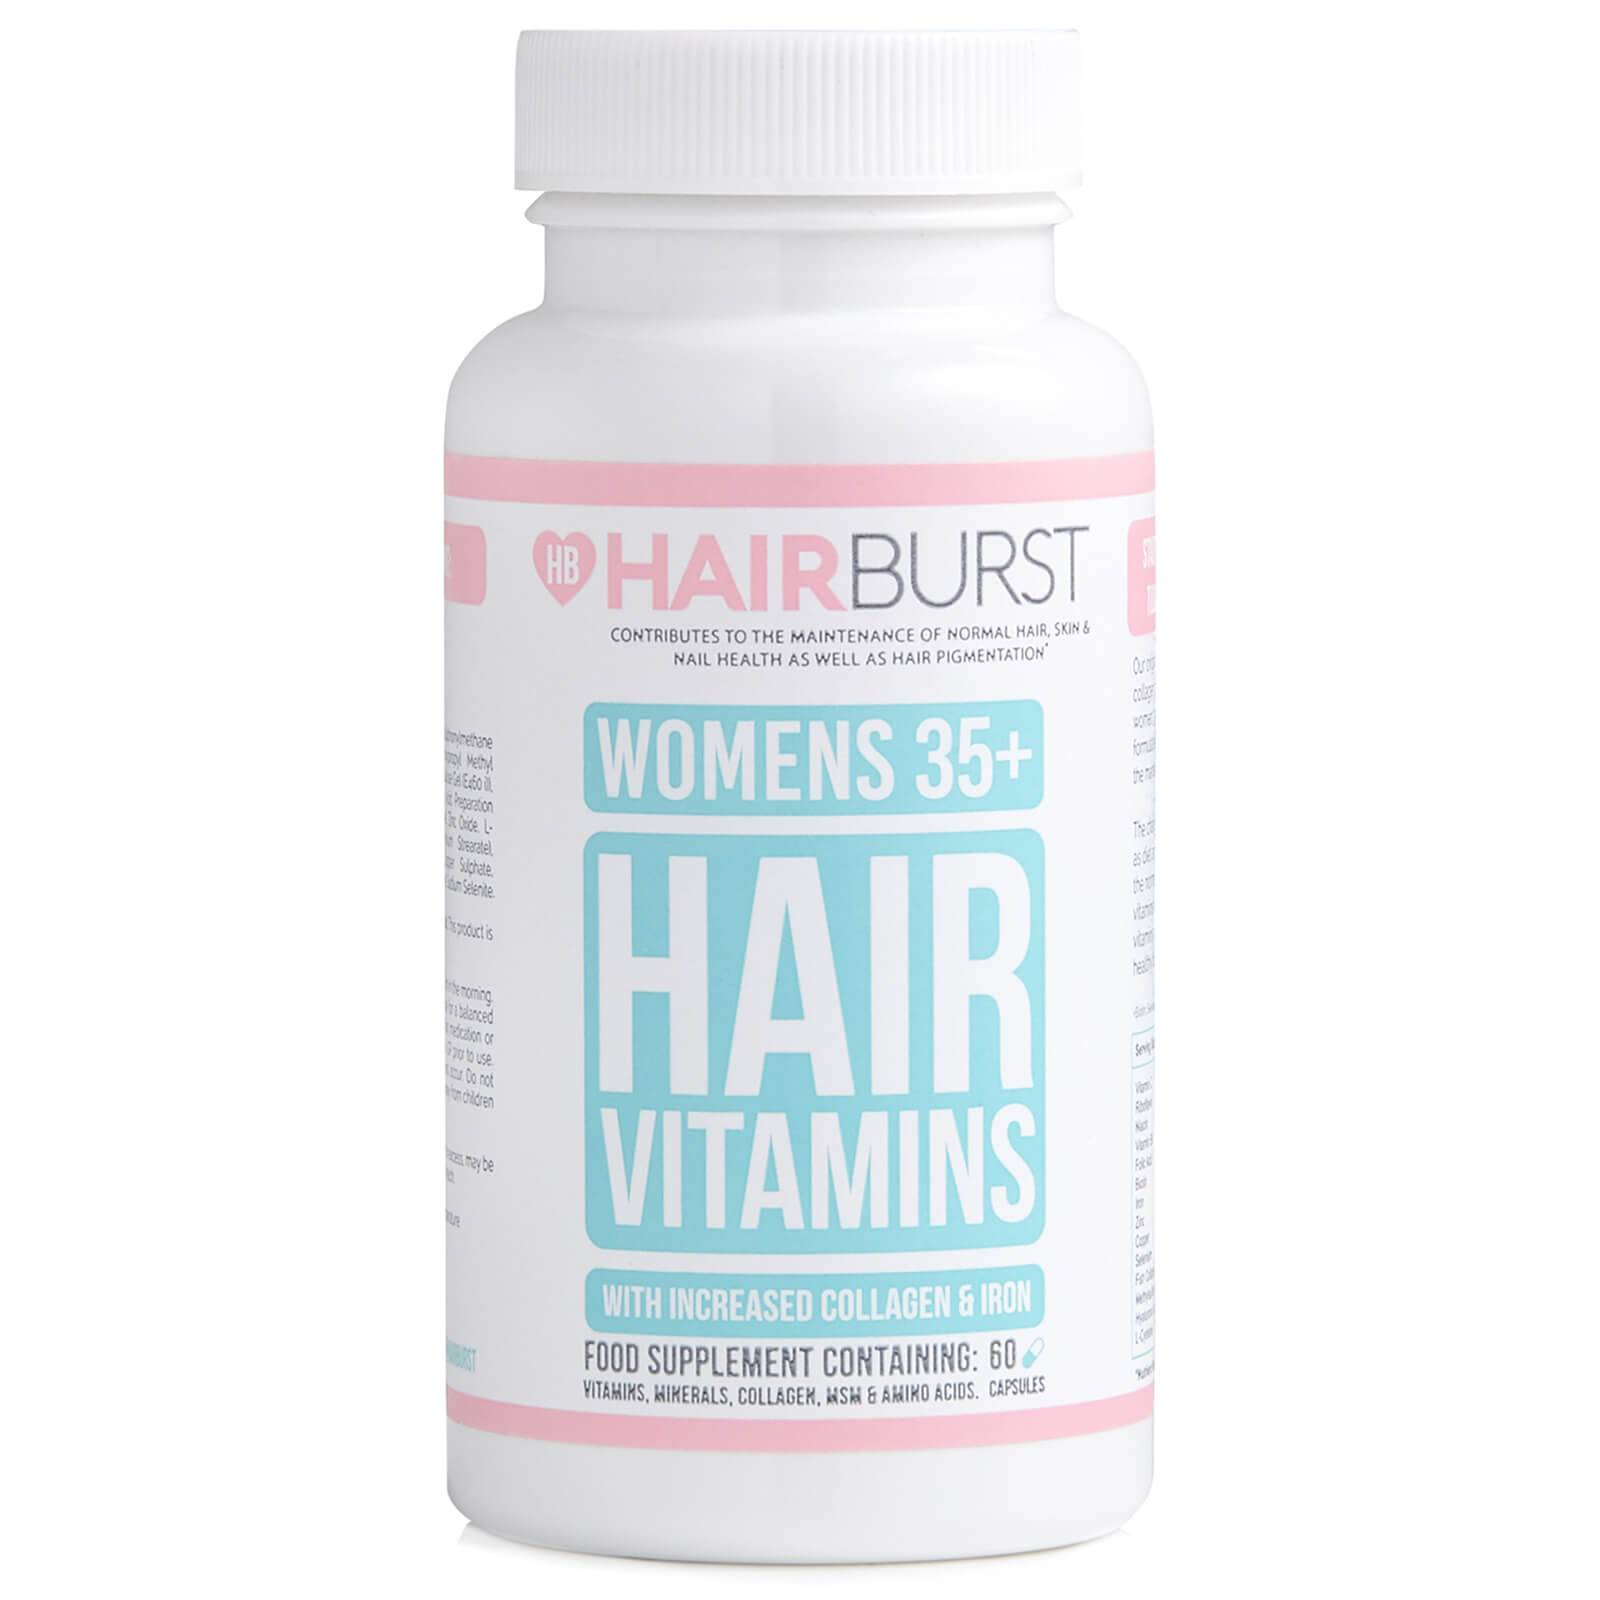 Hairburst Women's 35+ Vitamins (60 Capsules) 72g